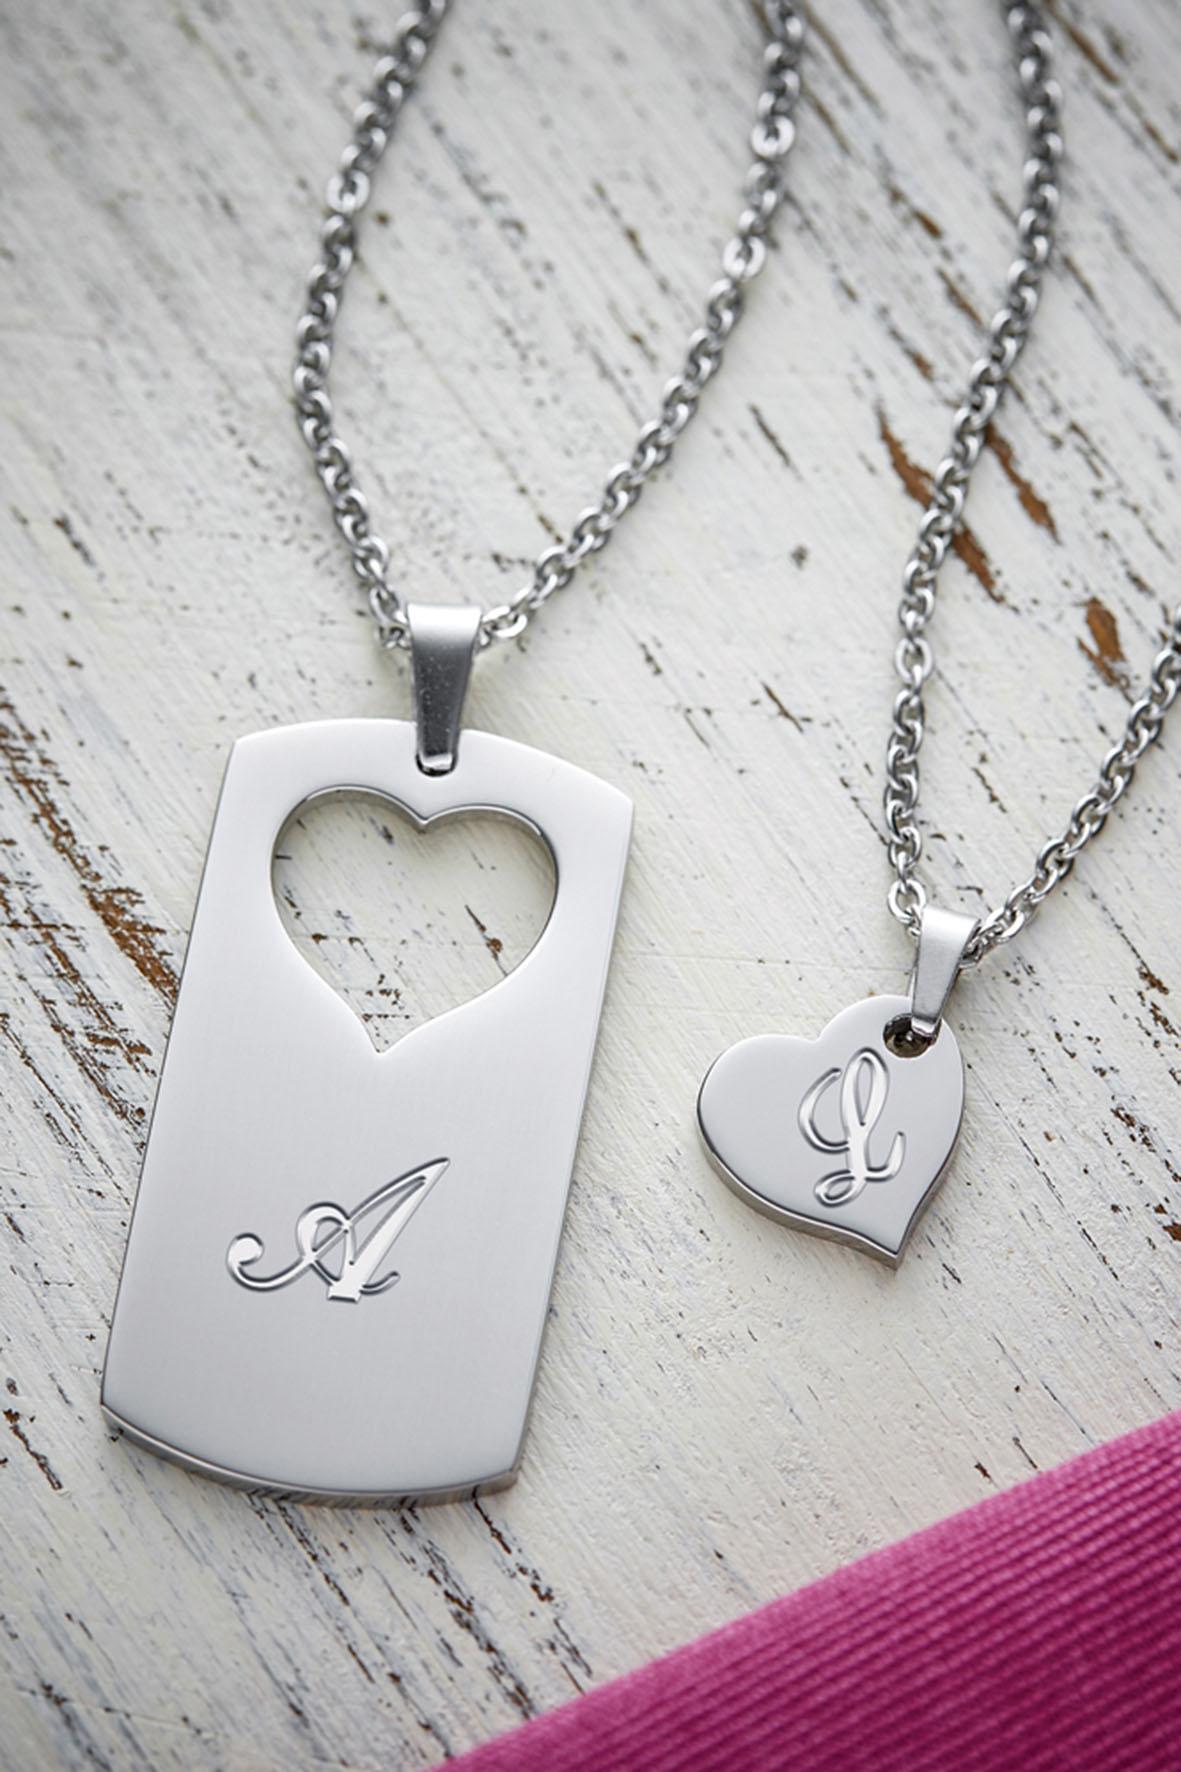 Beide Anhänger der Partner-Halsketten passen perfekt zusammen und können mit Wunschinitialen graviert werden.